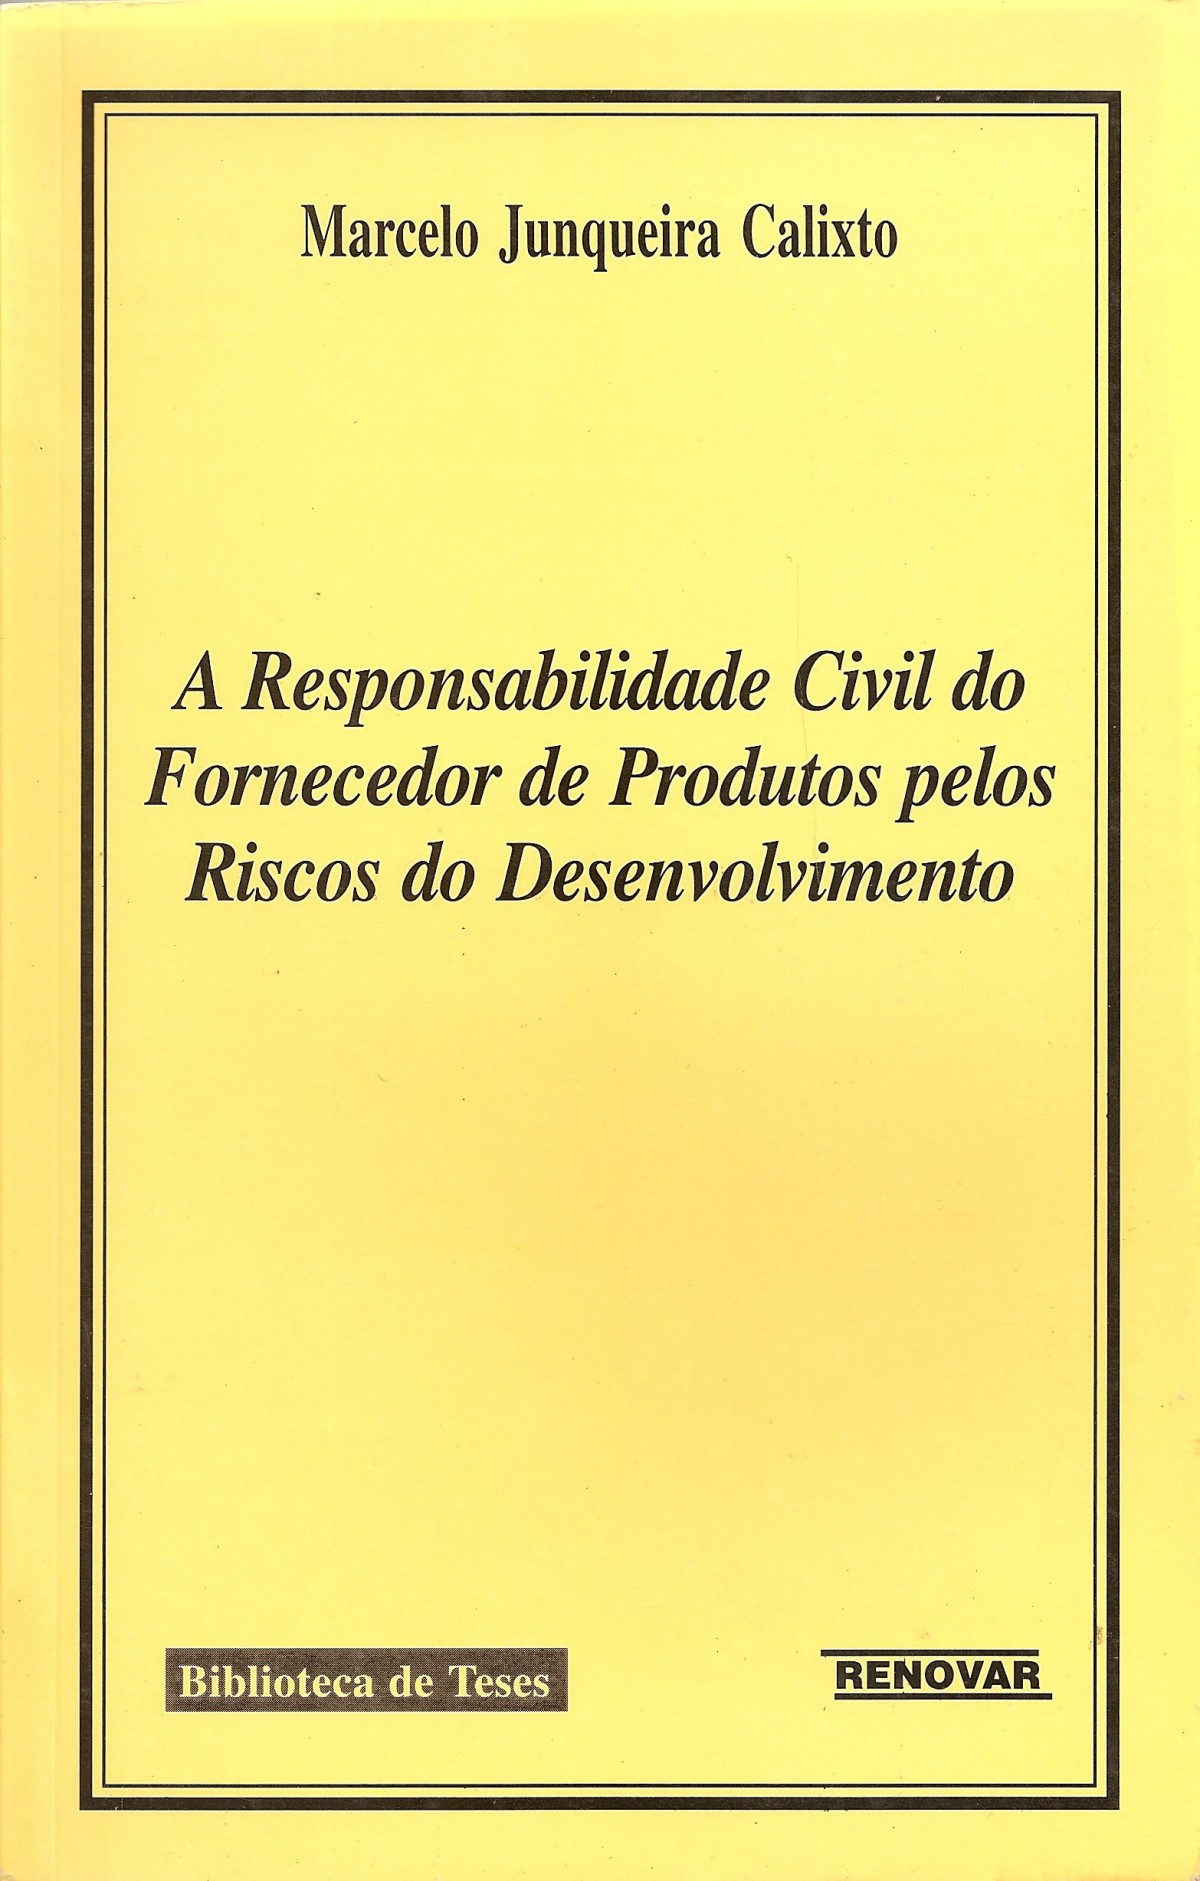 Foto 1 - A Responsabilidade Civil do Fornecedor de Produtos Pelos Riscos do Desenvolvimento